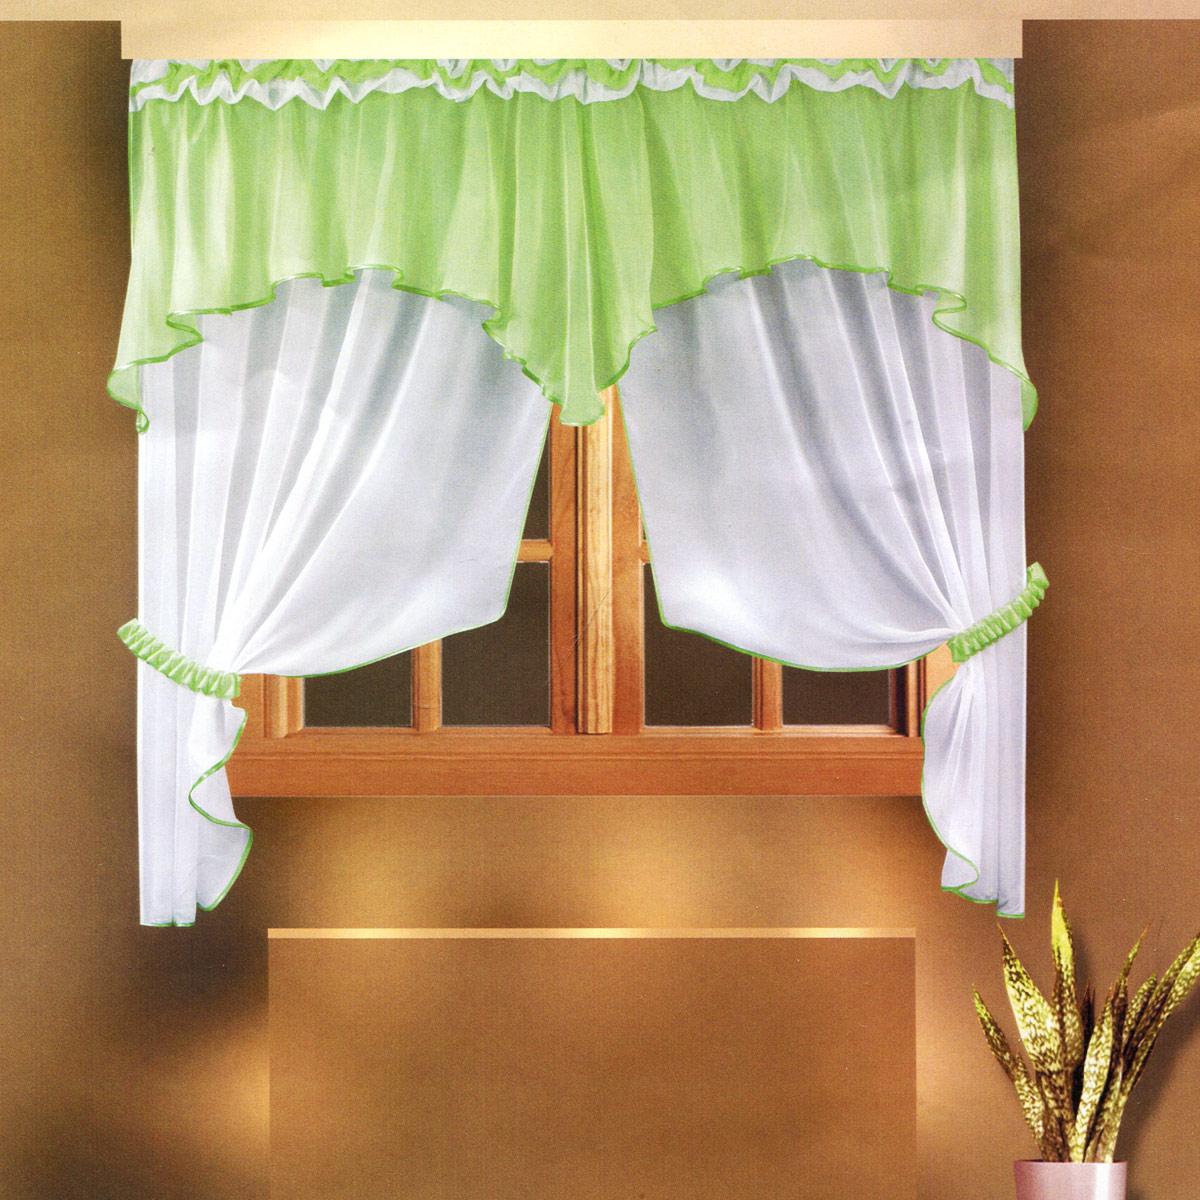 Комплект штор Zlata Korunka, на ленте, цвет: салатовый, высота 160 см. Б026S03301004Роскошный комплект штор Zlata Korunka, выполненный из полиэстера, великолепно украсит любое окно. Комплект состоит из ламбрекена и тюля. Воздушная ткань и приятная, приглушенная гамма привлекут к себе внимание и органично впишутся в интерьер помещения. Этот комплект будет долгое время радовать вас и вашу семью! Шторы крепятся на карниз при помощи ленты, которая поможет красиво и равномерно задрапировать верх. Тюль можно зафиксировать в одном положении с помощью двух подхватов, которые также можно задрапировать.